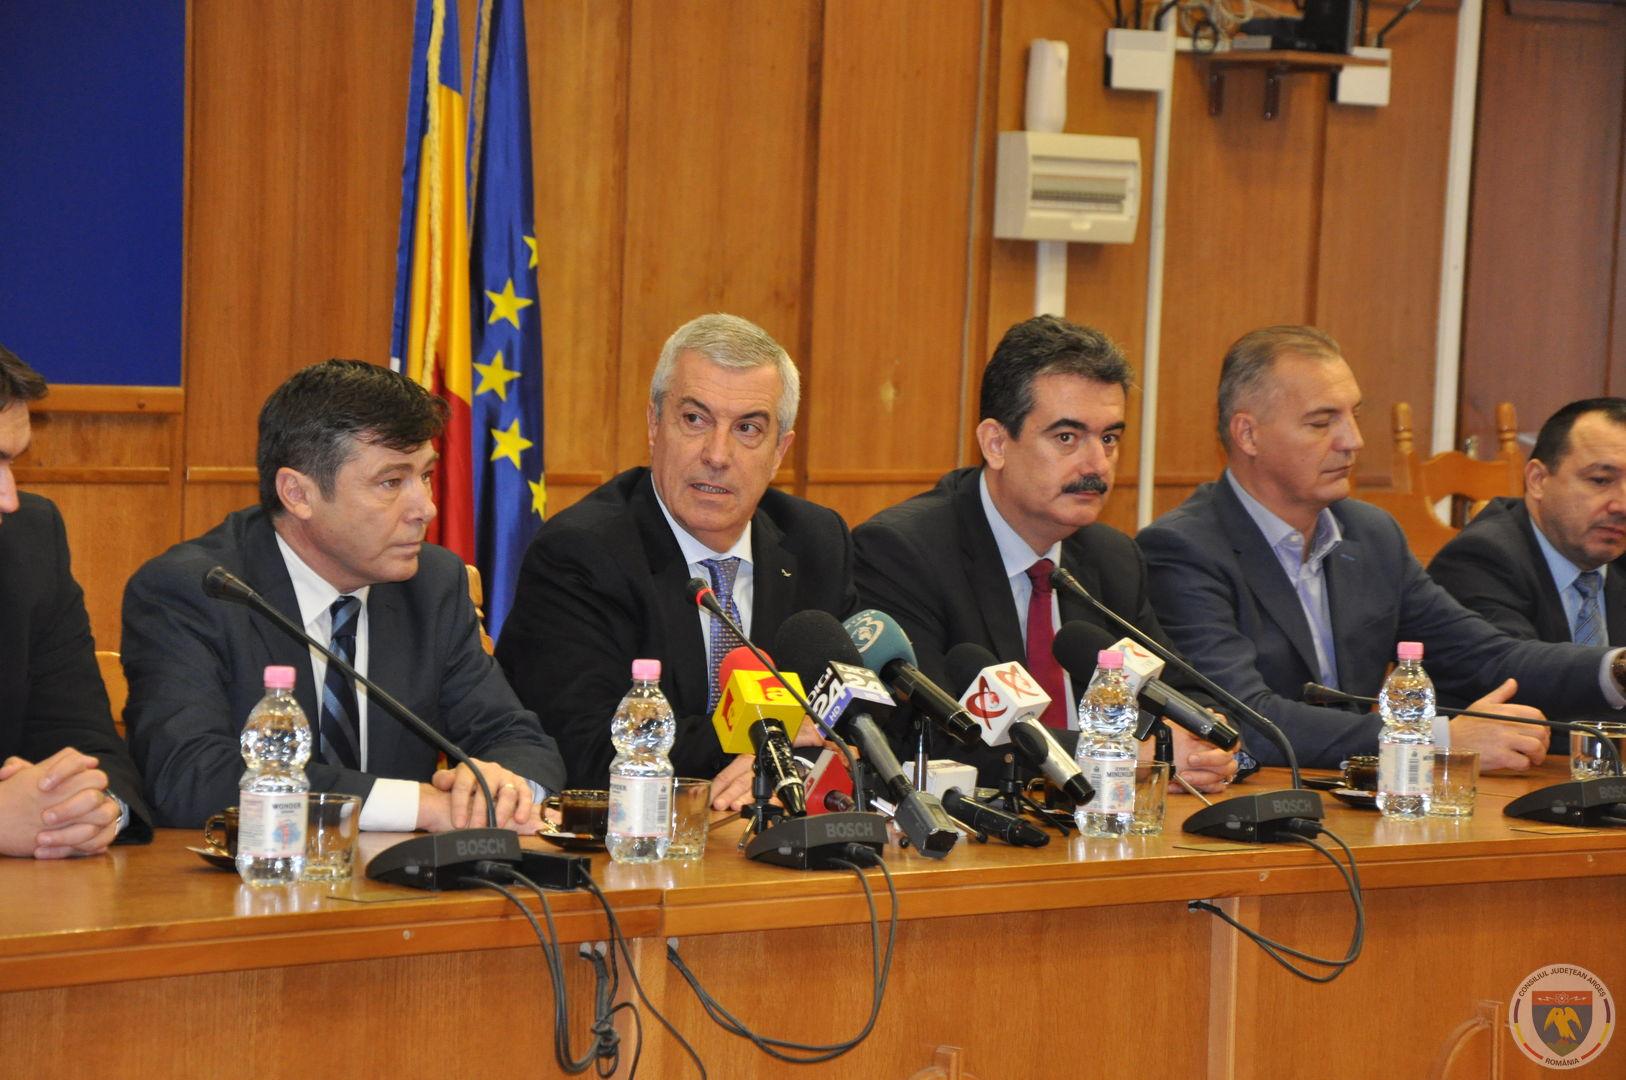 Vizita Calin Popescu Tariceanu 11.11.2014 (18).JPG